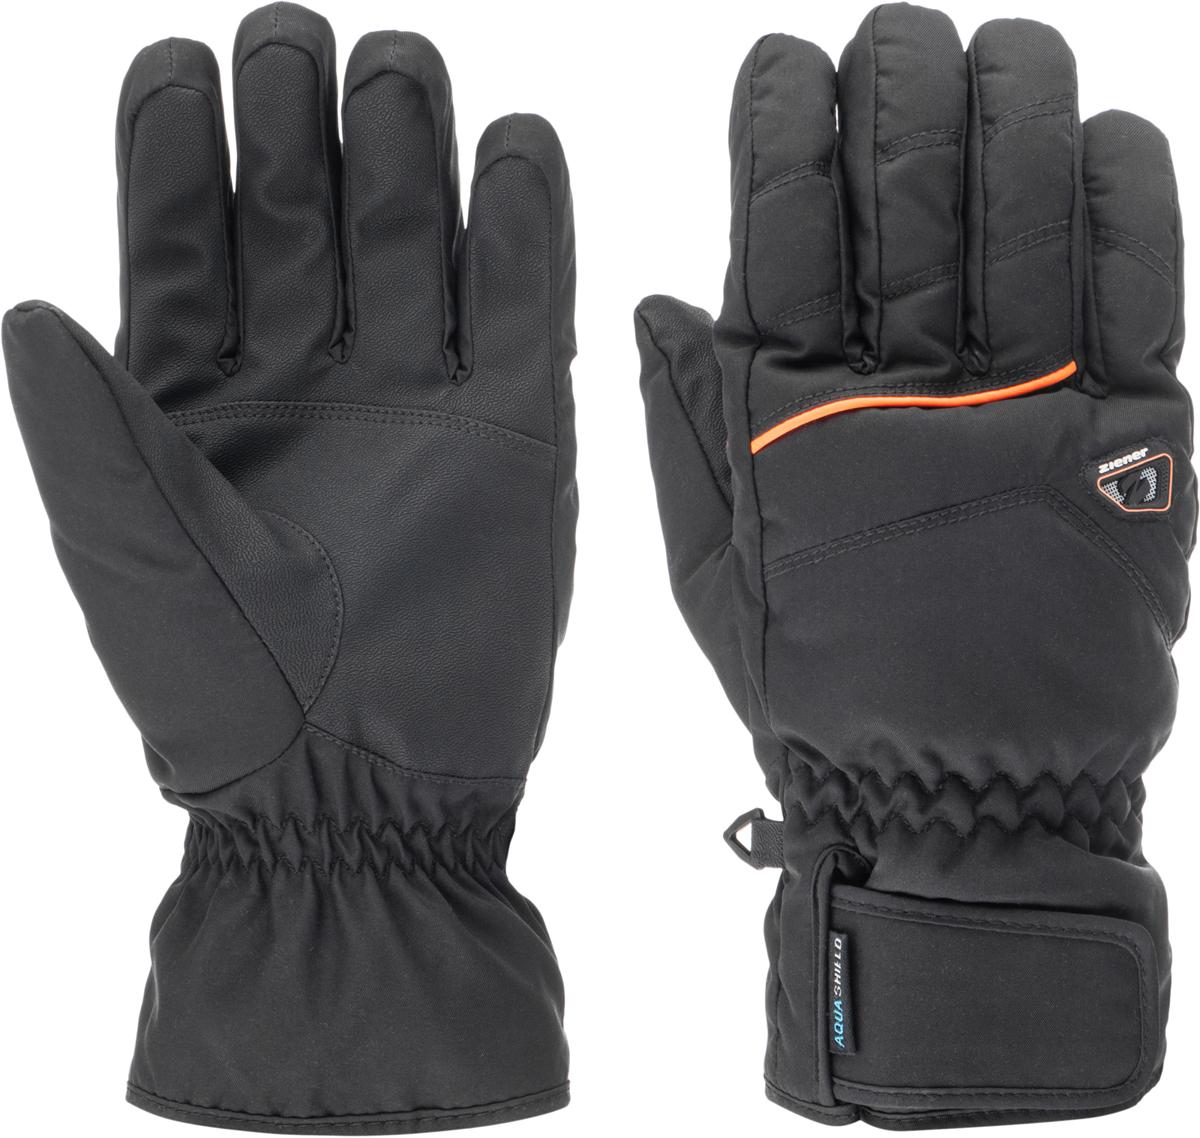 Перчатки мужские Ziener Gilligan As Sm Glove Ski Alpine, цвет: черный. 150050-12738. Размер 8150050-12738Горнолыжные перчатки классической формы. Используемая технология Aquashield обеспечивает максимально комфортные условия, благодаря специальному покрытию, которое защищает от проникновения влаги и ветра, и при этом сохраняет воздухопроницаемые свойства ткани за счет микропористой структуры. Используется технология, которая гарантирует свободу движений и максимальный комфорт во время катания. Стандартный спортивный крой, эргономичная манжета, средней толщины утеплитель, в совокупности, обеспечивают комфортные условия в использования изделия. Специальная застежка на манжете позволяет плотно фиксировать перчатку.